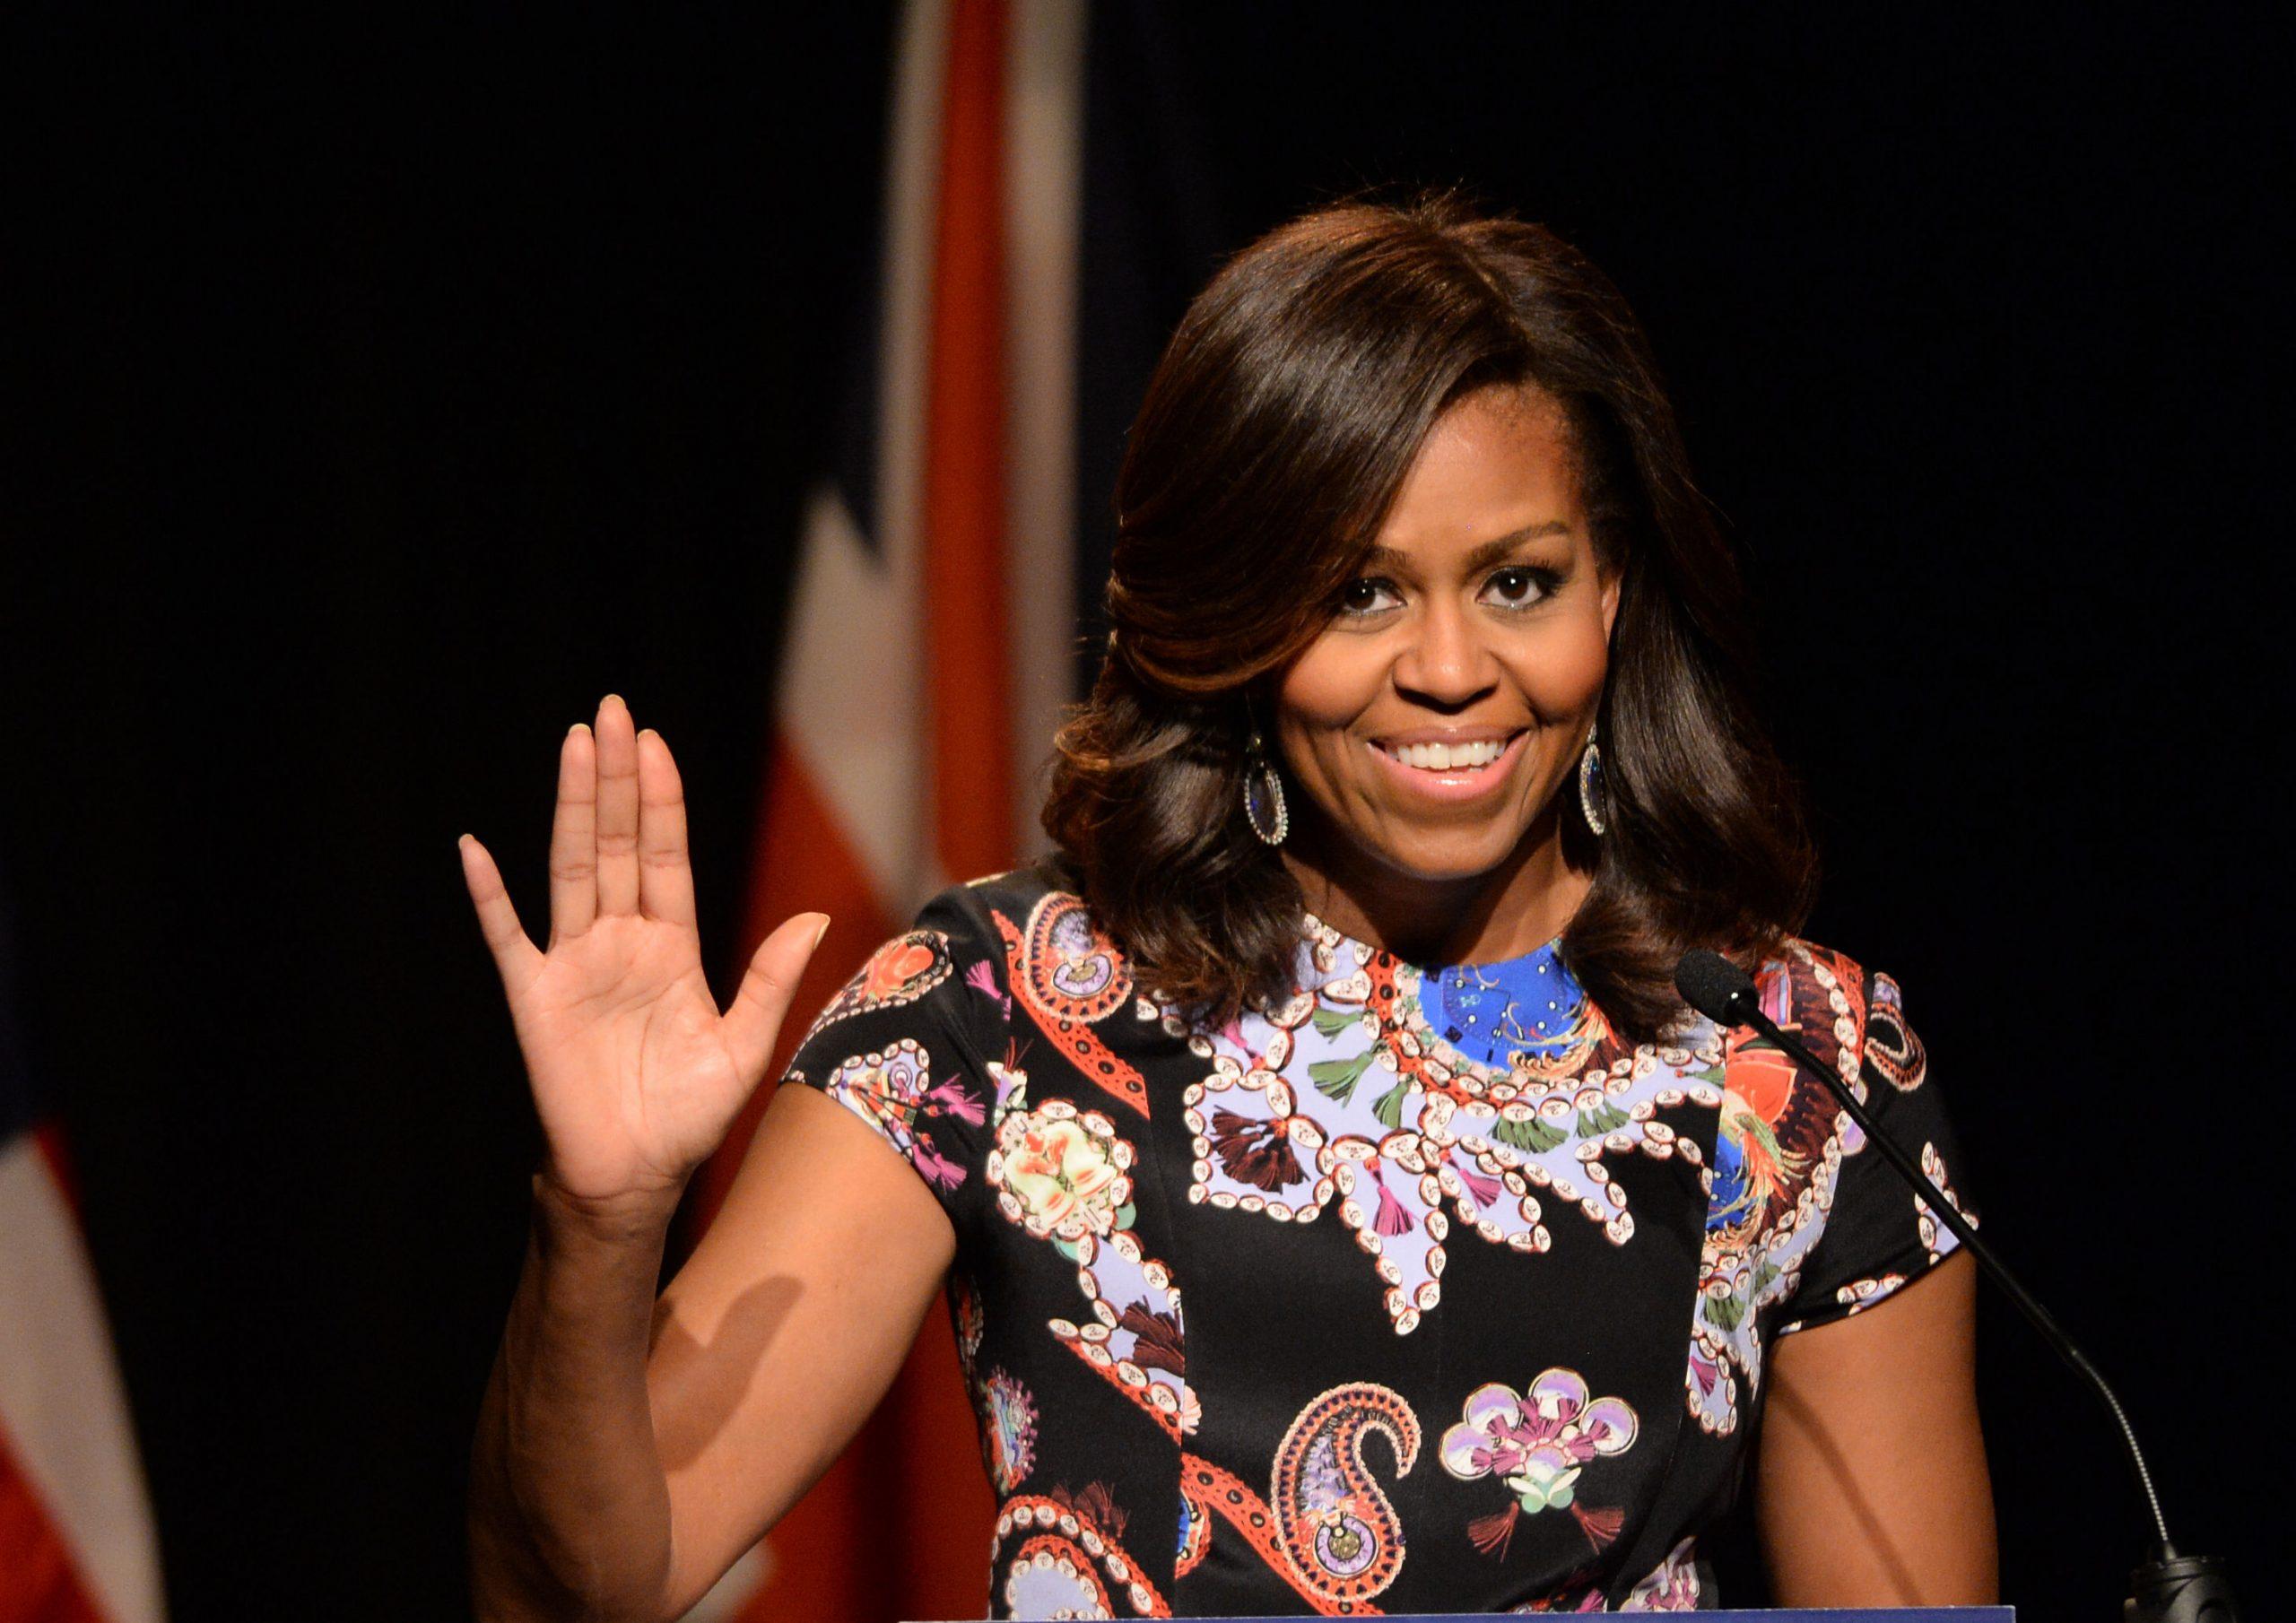 Le 10 donne più influenti del mondo nel 2015